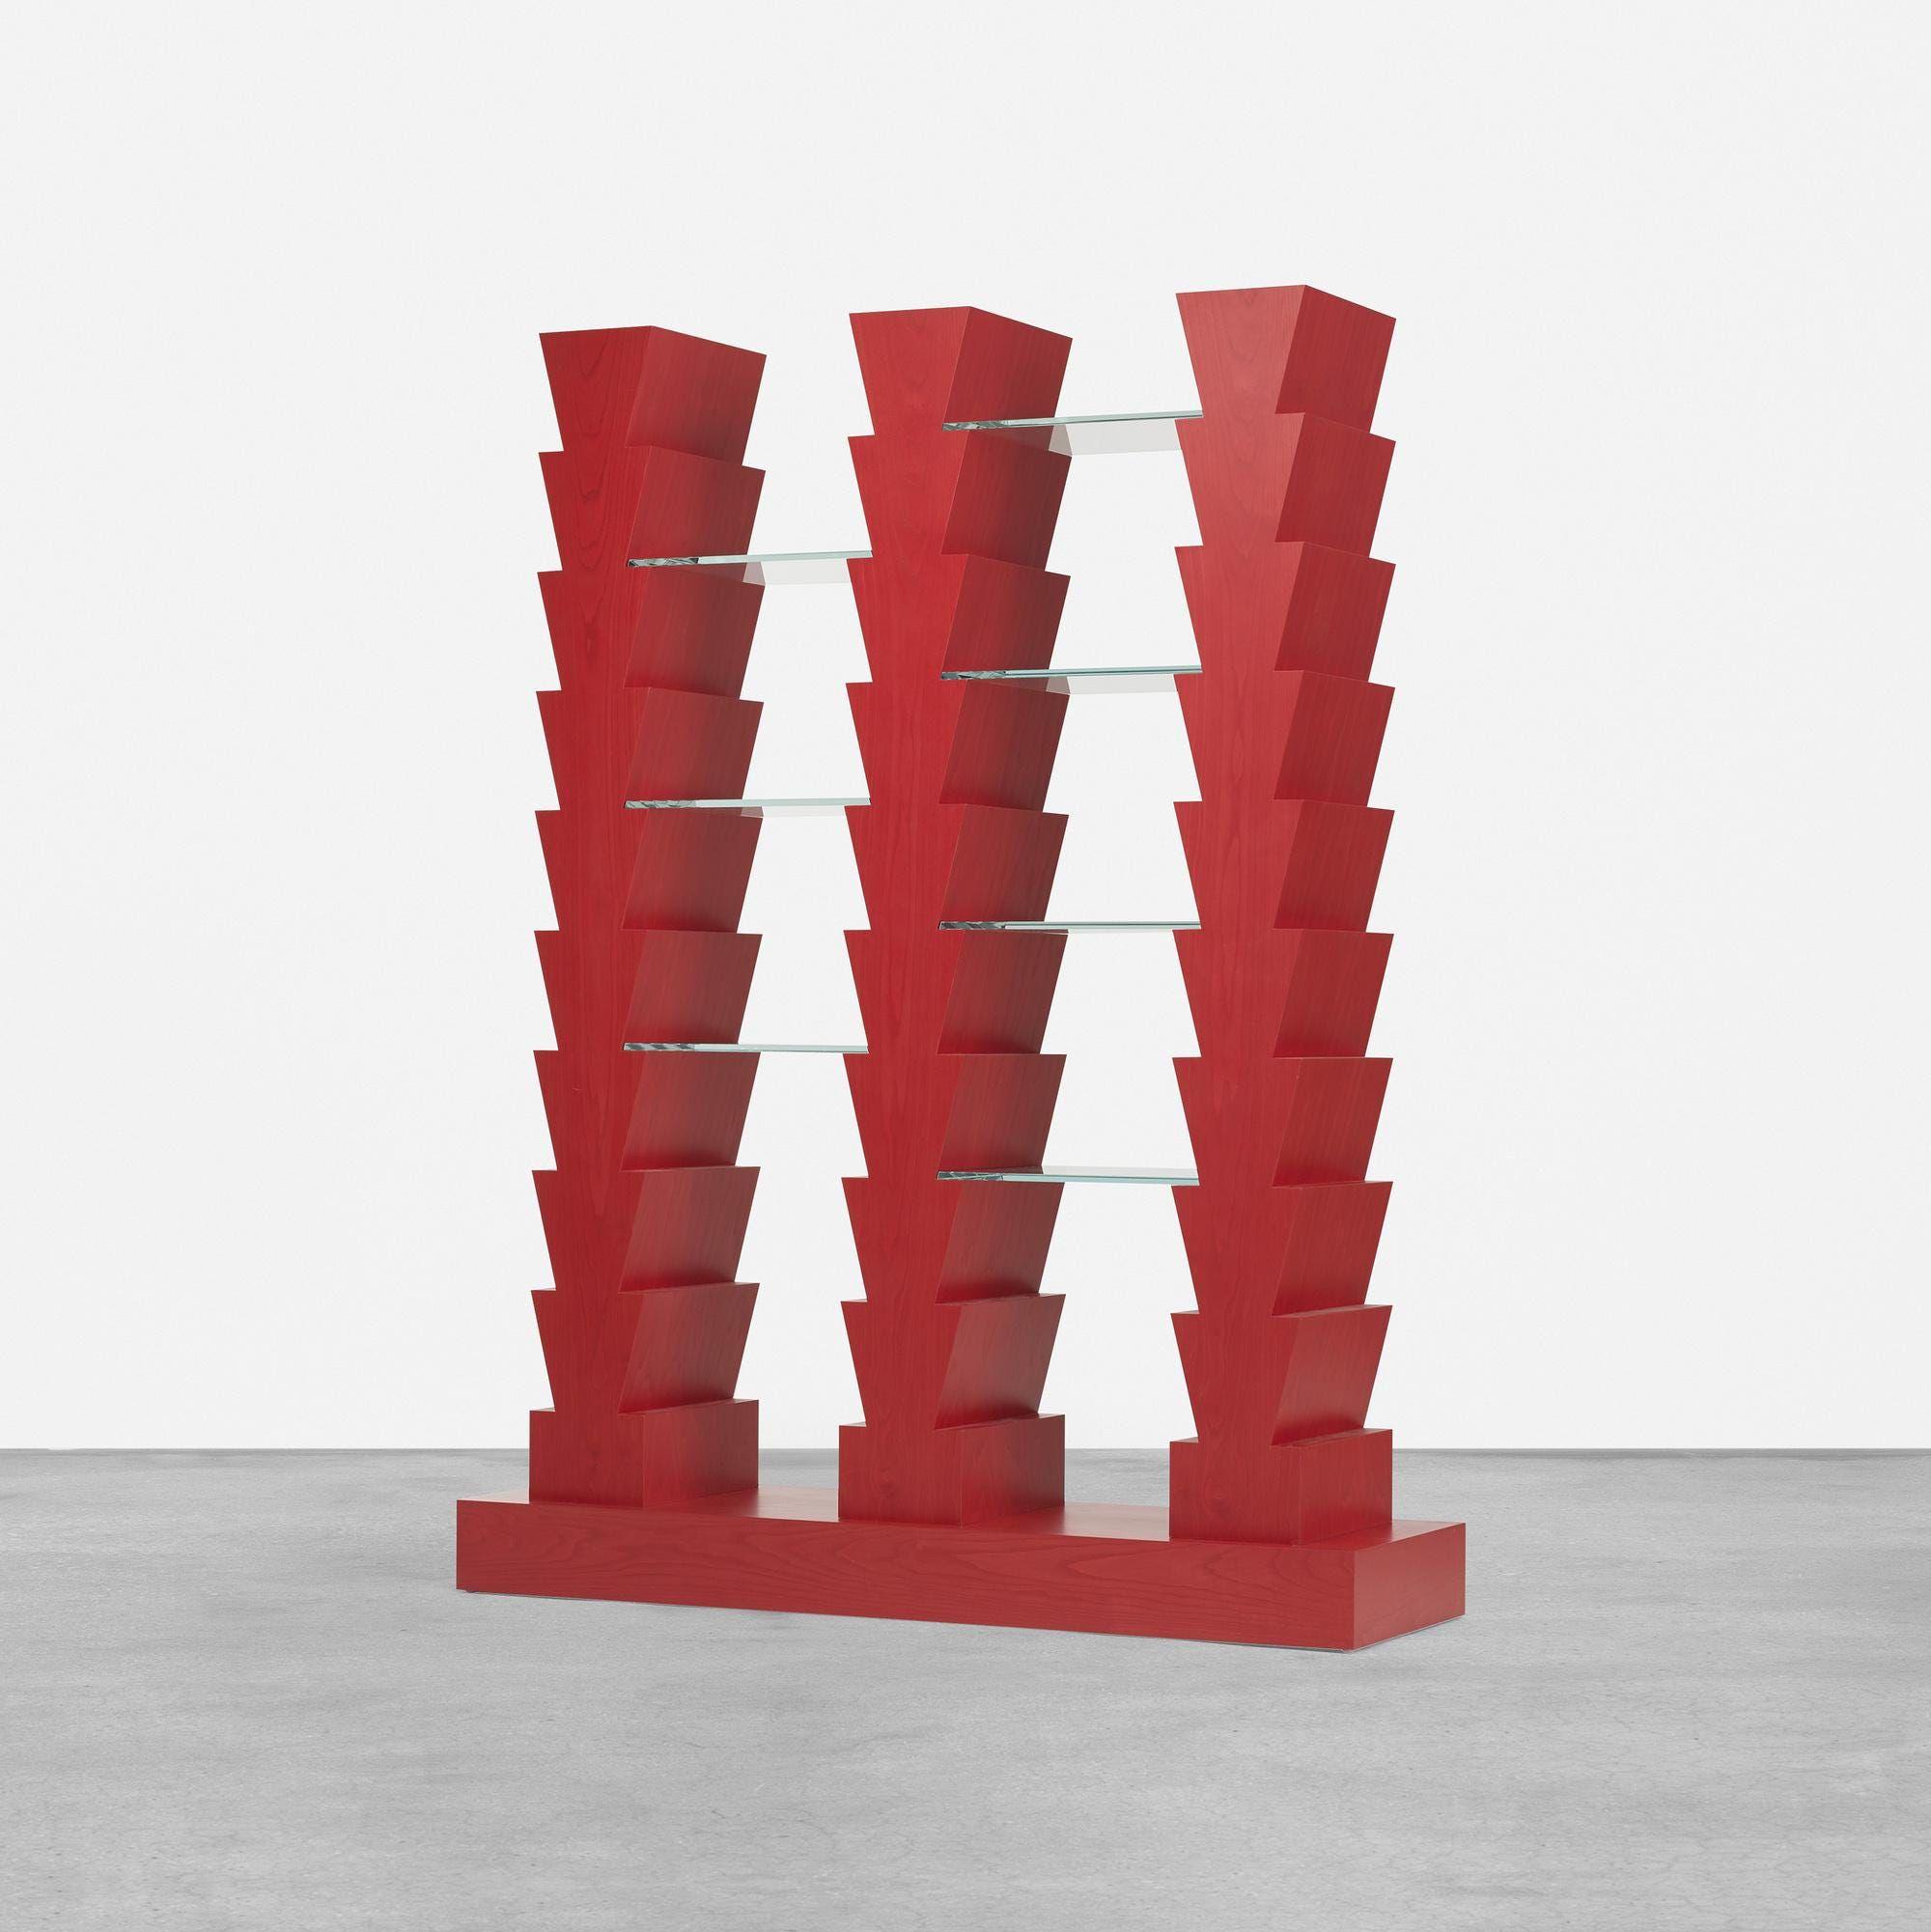 red stacked bookshelves